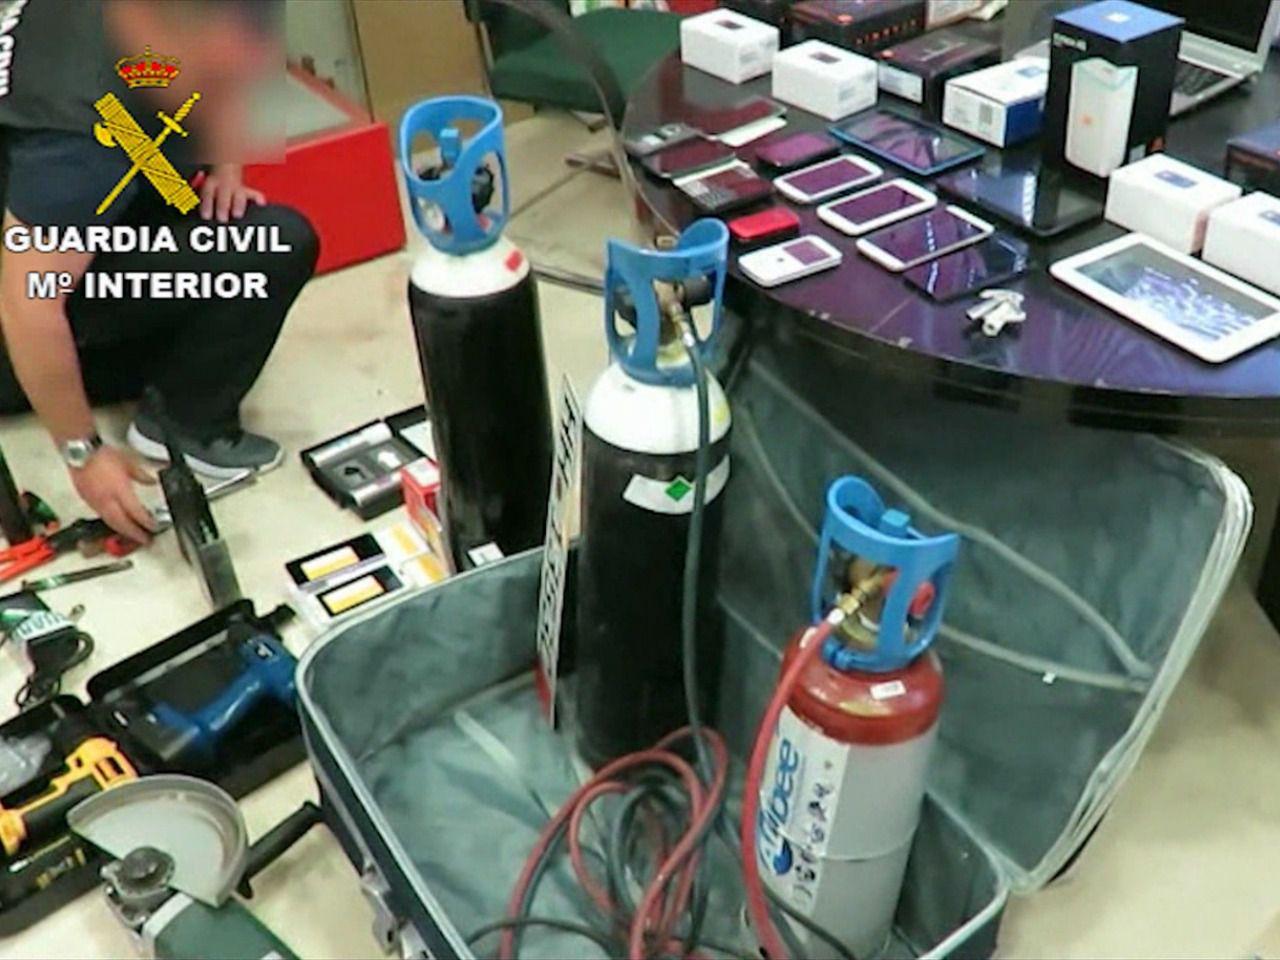 La Guardia Civil detiene a 17 personas integradas en una organización criminal especializada en alunizajes y butrones.